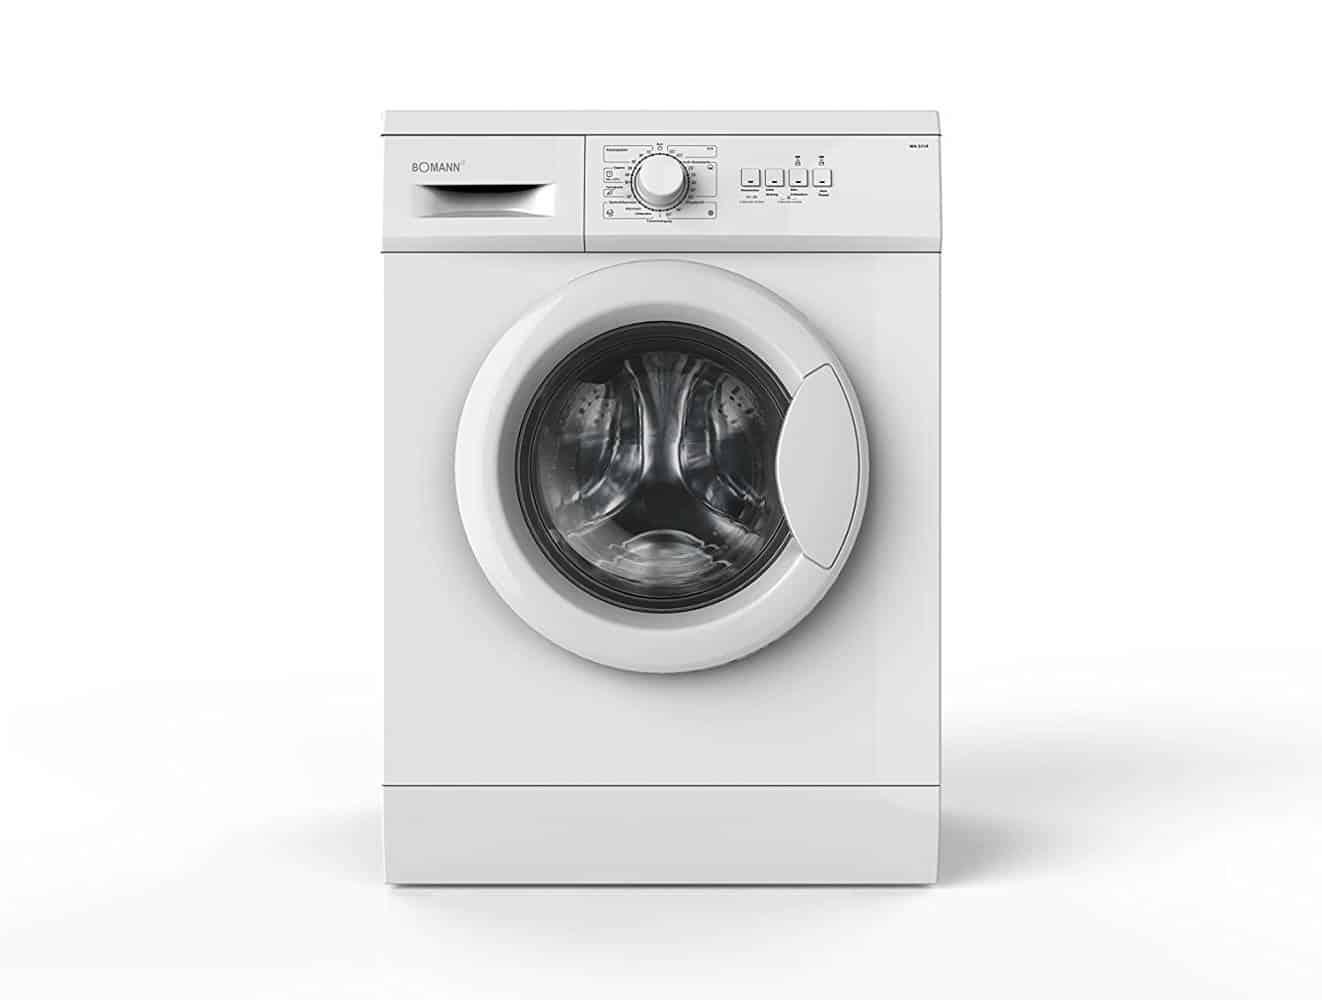 bomann wa 5719 waschmaschine im test 02 2019